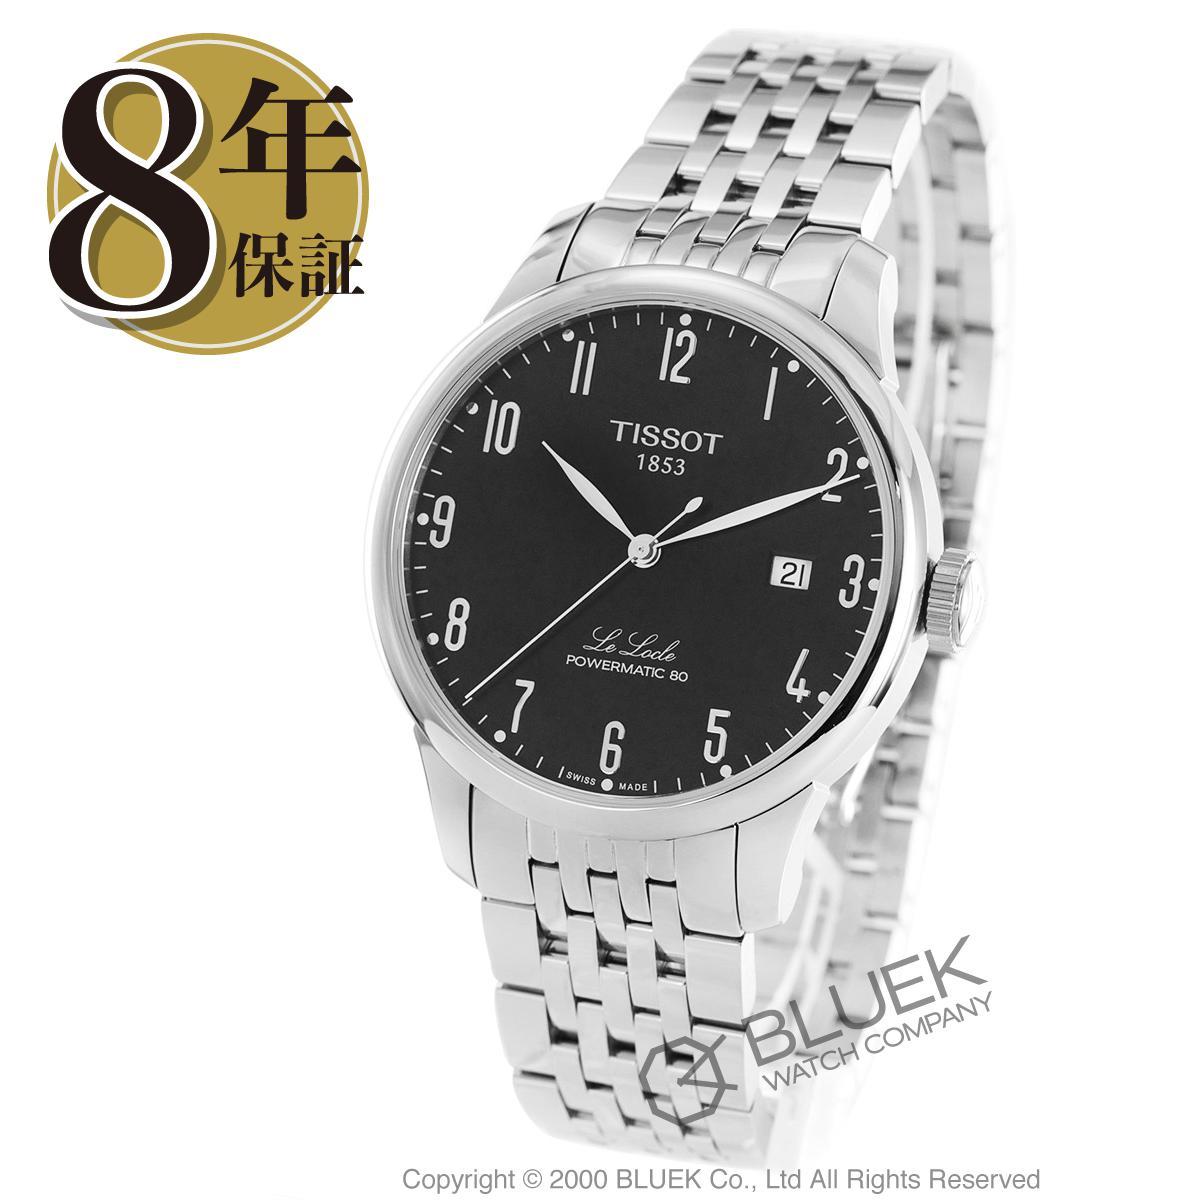 ティソ T-クラシック ル・ロックル パワーマティック80 腕時計 メンズ TISSOT T006.407.11.052.00_8